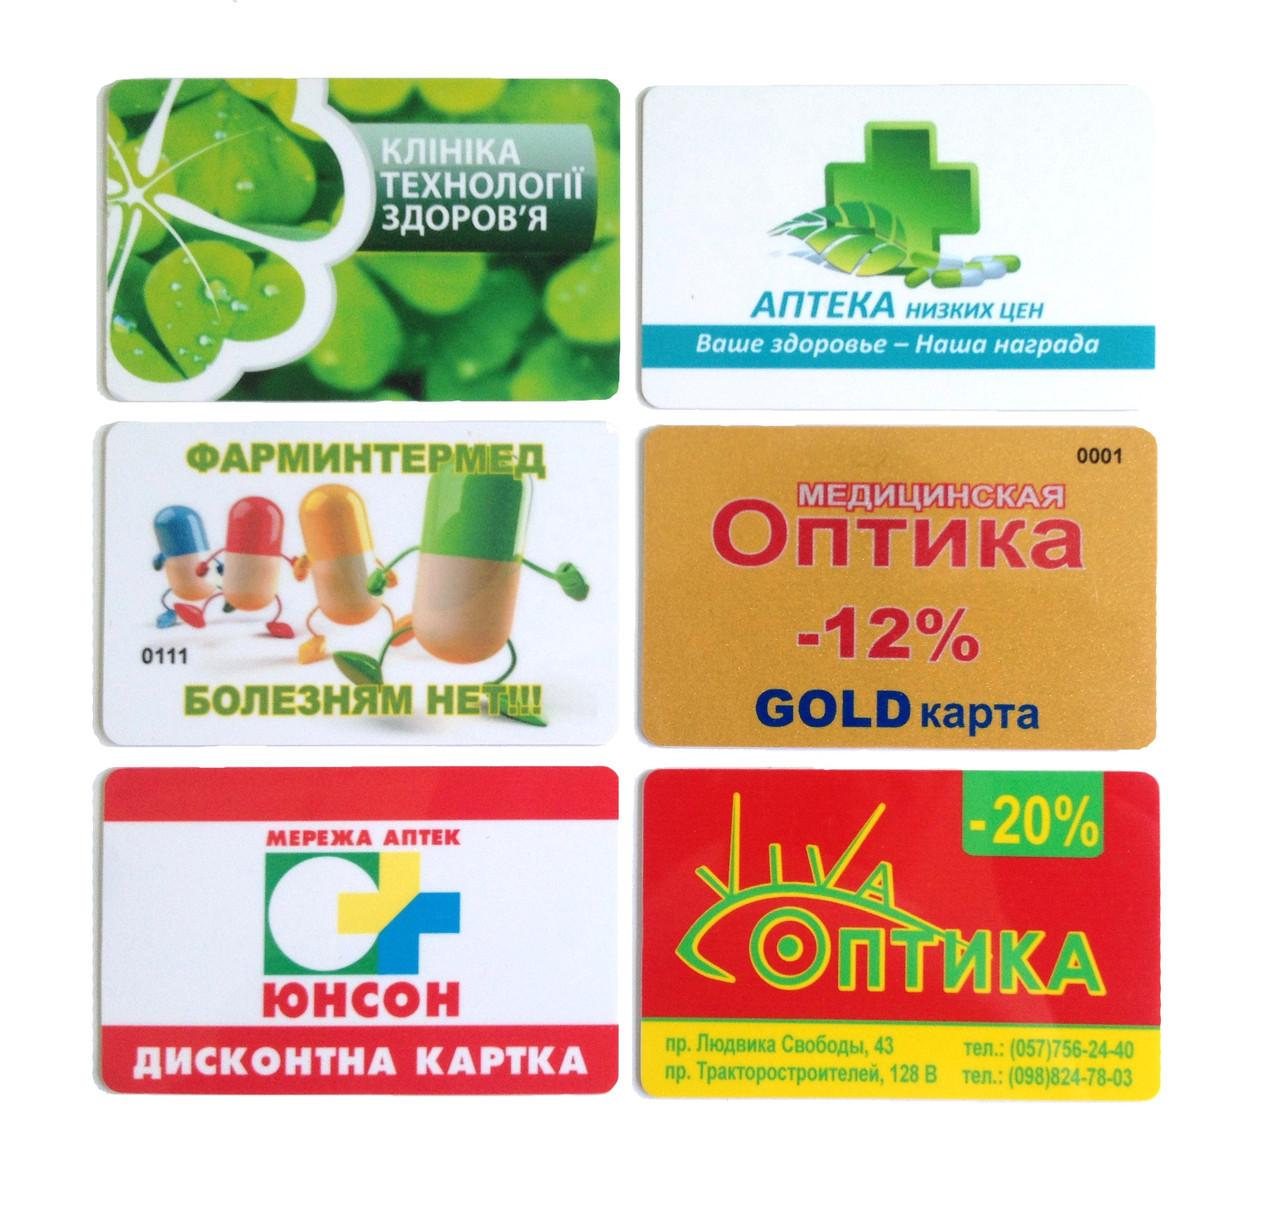 Пластиковые карты для аптек